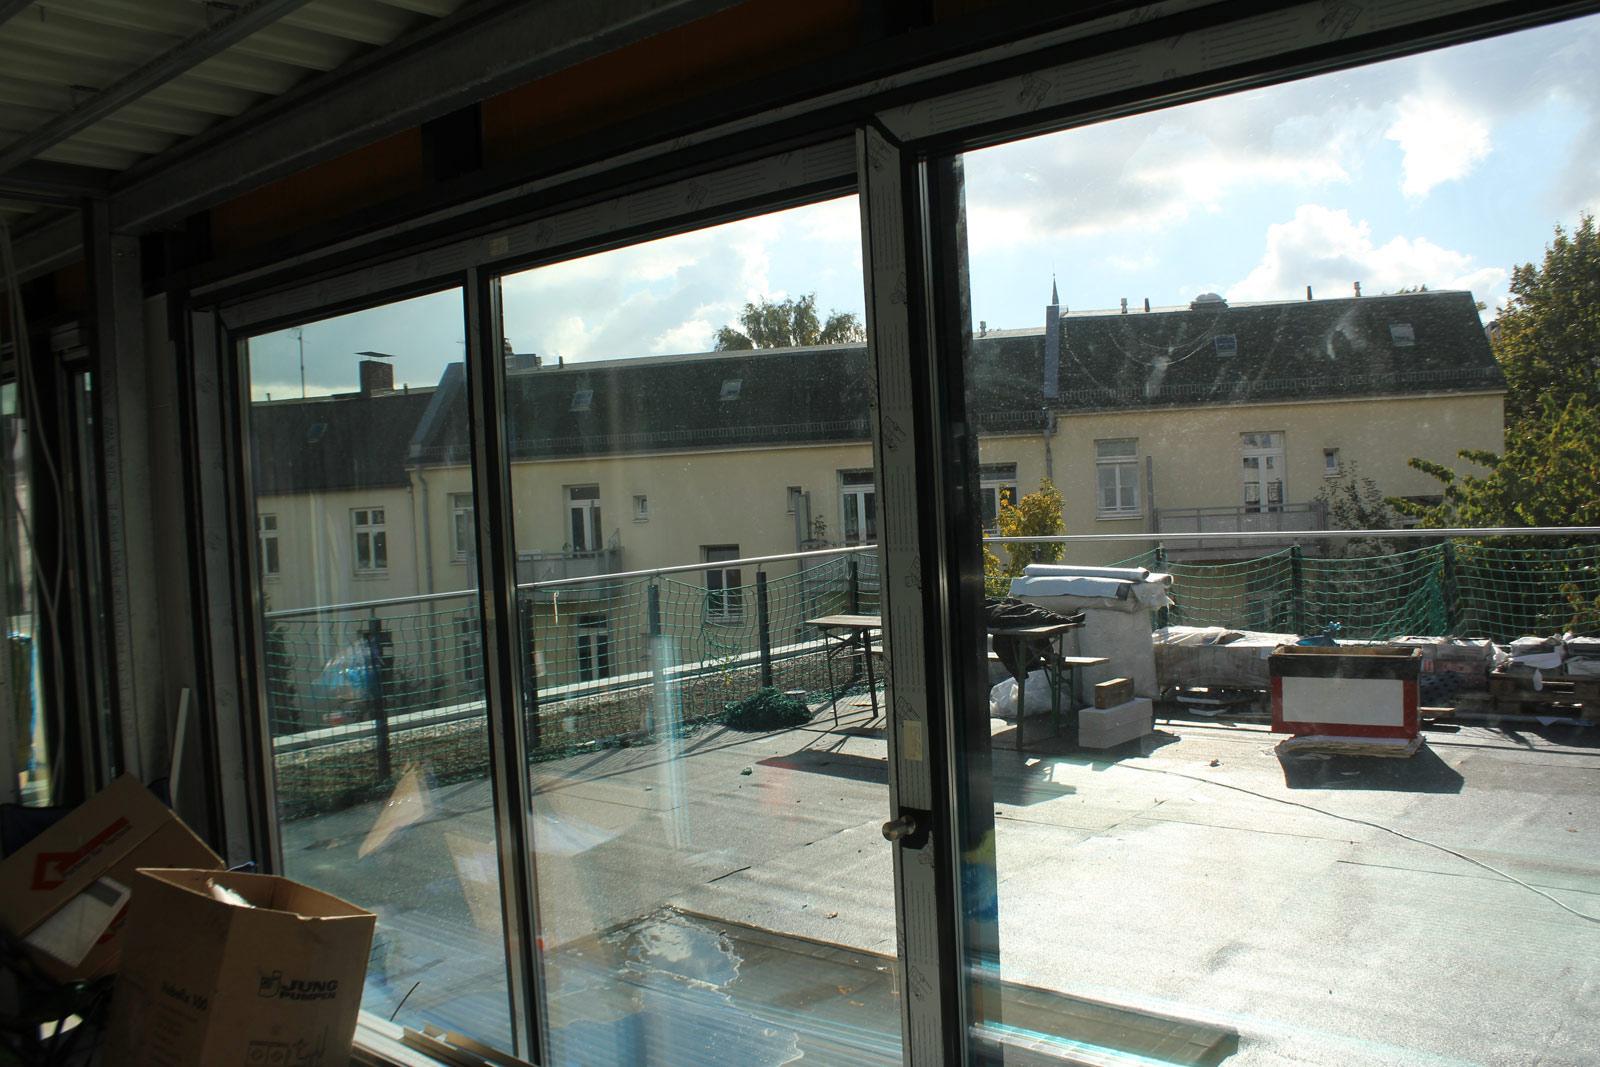 Sicht von innen durch den Gebäude Sonnenschutz.